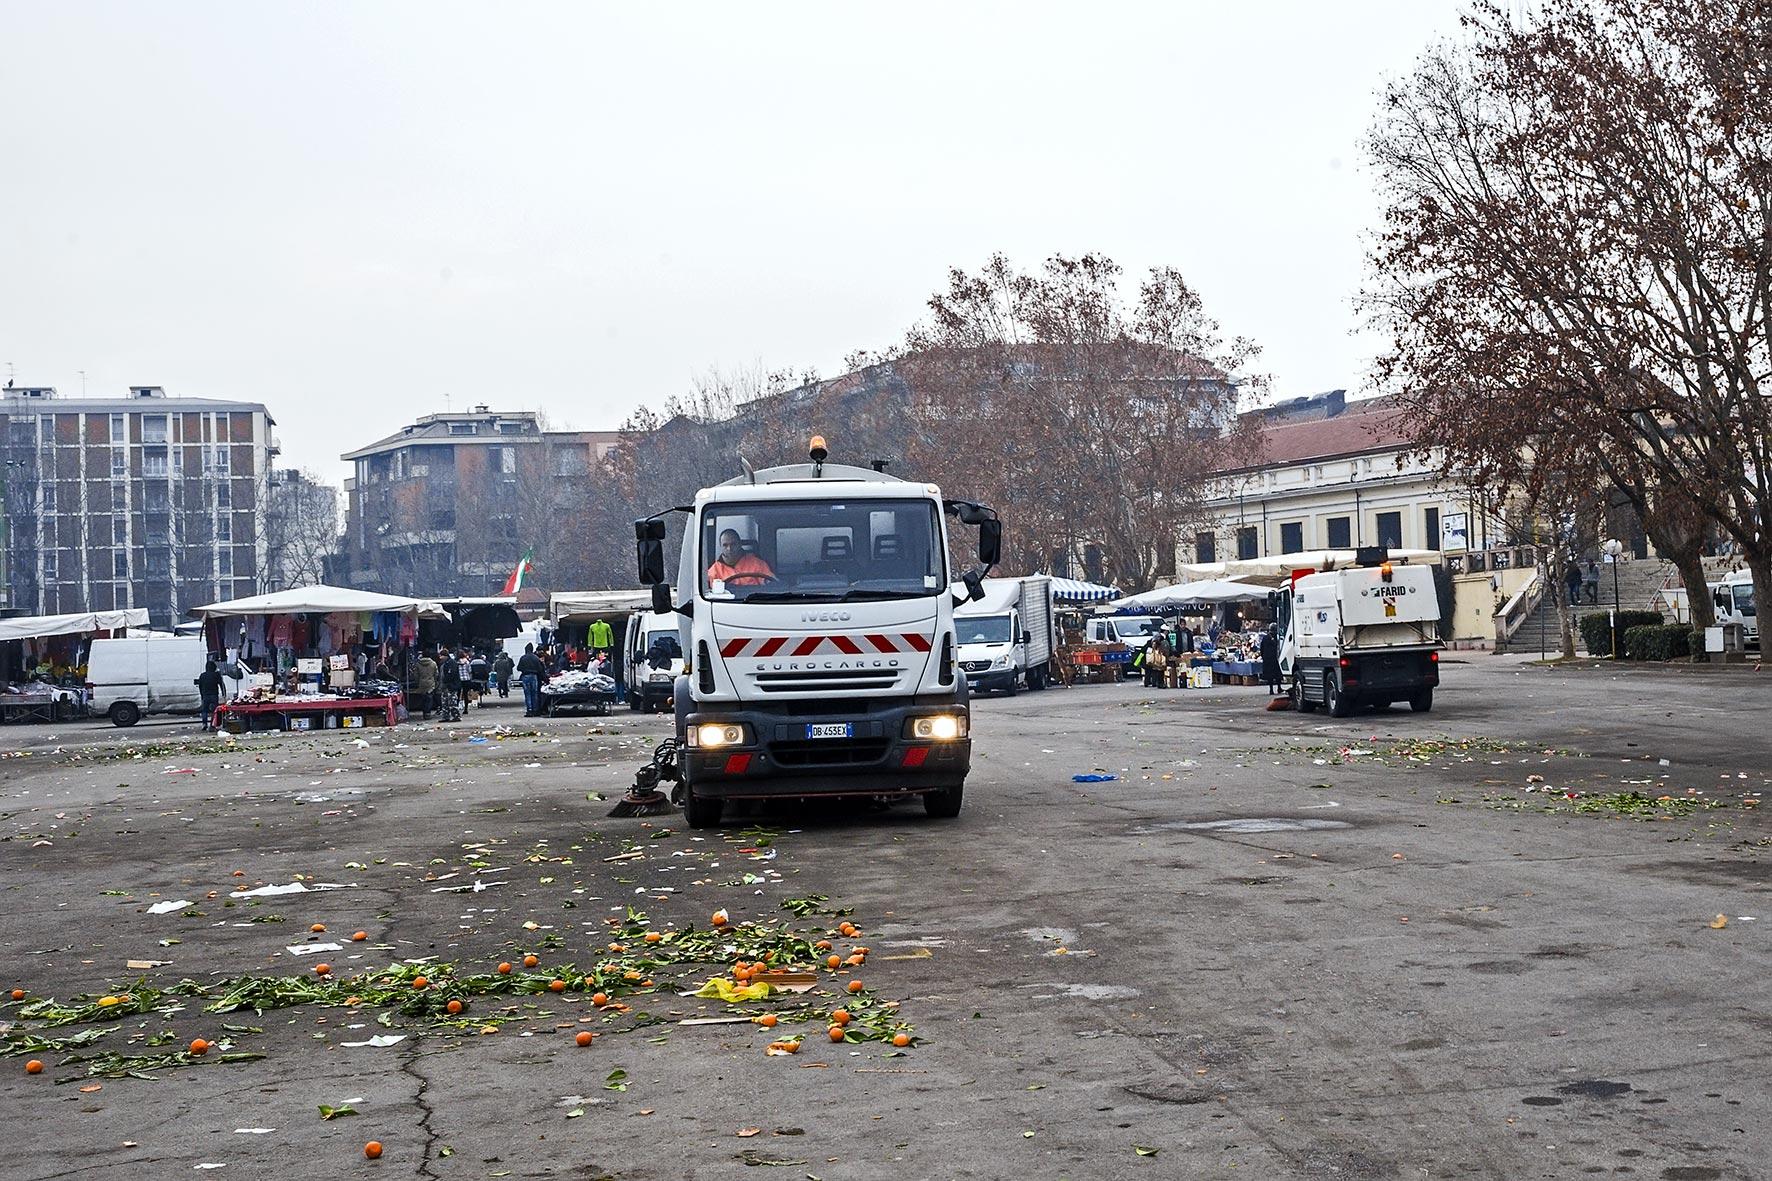 Pulizia del mercato ortofrutticolo di Piazza Campo del Palio